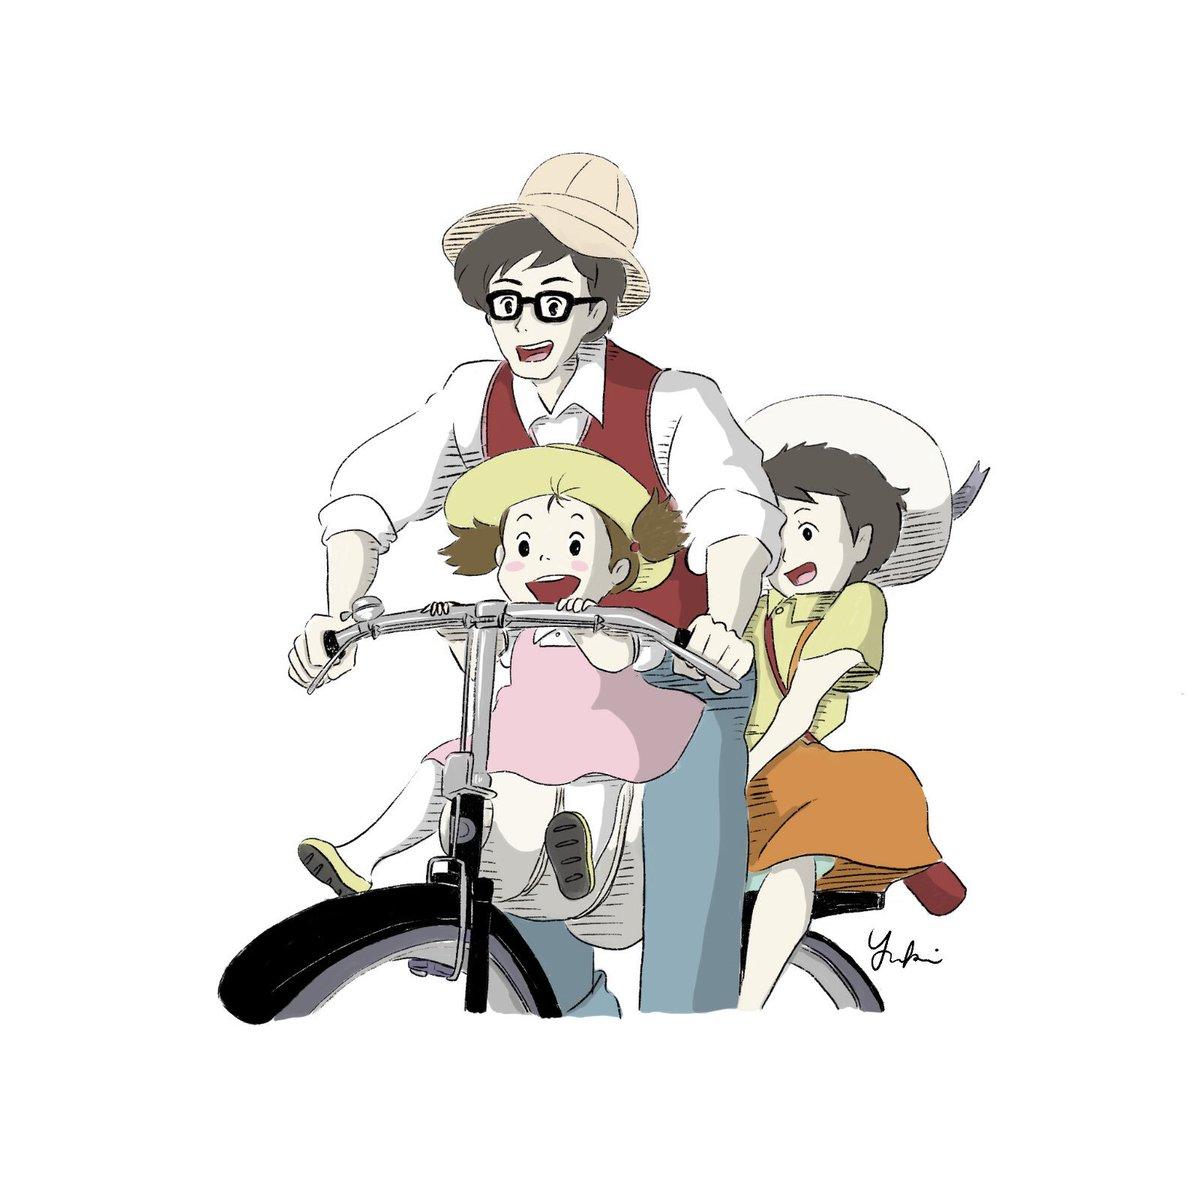 Yuki イラスト描いてる映画好きデザイナー בטוויטר トトロの草壁一家